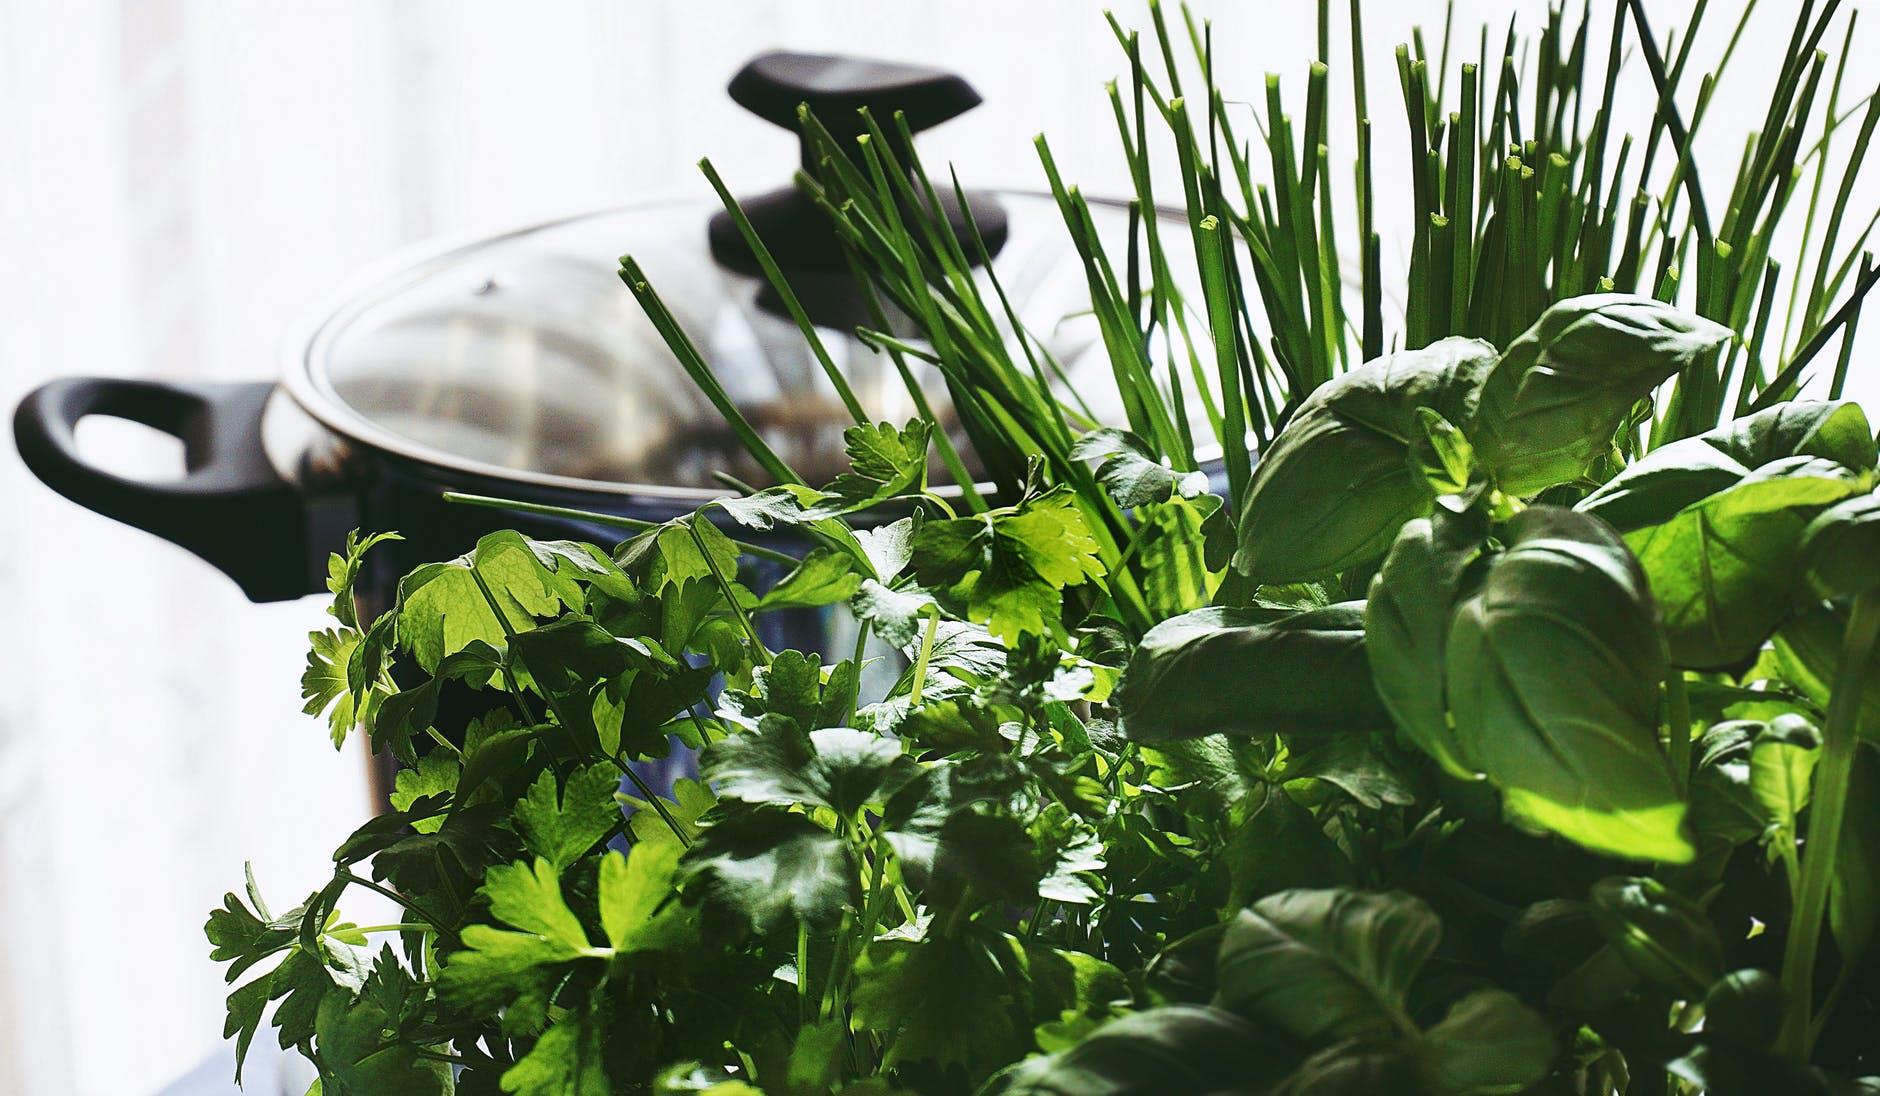 Planta care vindecă zeci de afecțiuni. Indiciu? Este cea mai aromată, versatilă și apreciată din bucătăria ta